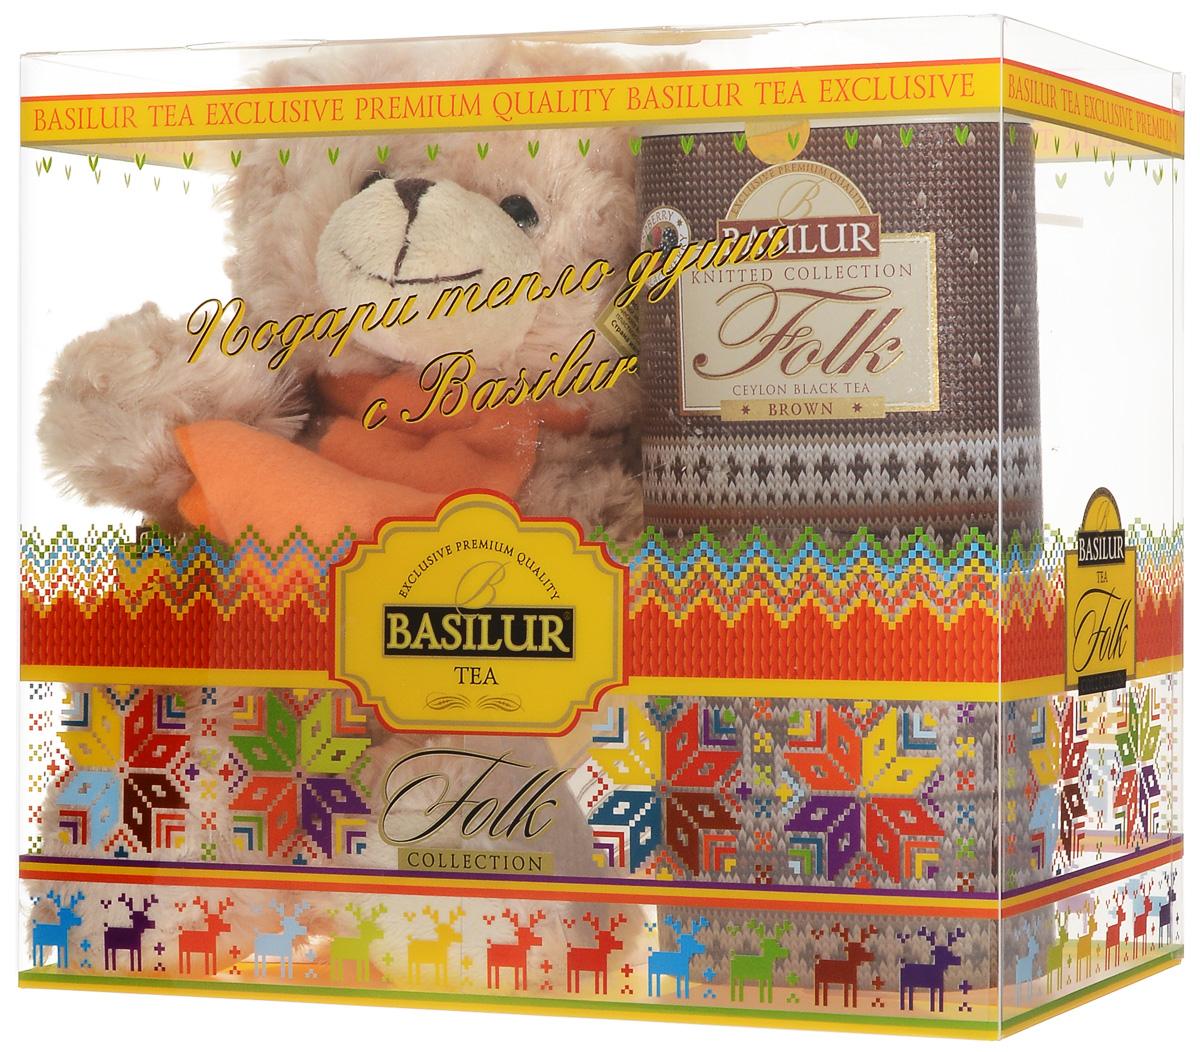 Basilur Folk Brown черный листовой чай с игрушкой, 100 г50196-00Подарочный набор Радость включает в себя черный листовой чай Basilur Folk Brown и мягкую игрушку - плюшевого мишку, который порадует и взрослых и детей. Для детей всегда желанна новая игрушка, особенно такой милый медвежонок. Что касается взрослых, то каждый из нас когда-то был ребенком и имел любимую игрушку, которой можно было рассказать заветные секреты. Размер игрушки: 240 x 200 x 100 мм. Чёрный цейлонский байховый листовой чай Basilur Folk Brown с кусочками клубники и папайи, лепестками амаранта и ароматами малины и ежевики подарит вам напоминание о летней ягодной поляне. Зимним вечером этот чай прекрасно согреет и поднимет настроение, а в летнюю жару прекрасно освежит и взбодрит.